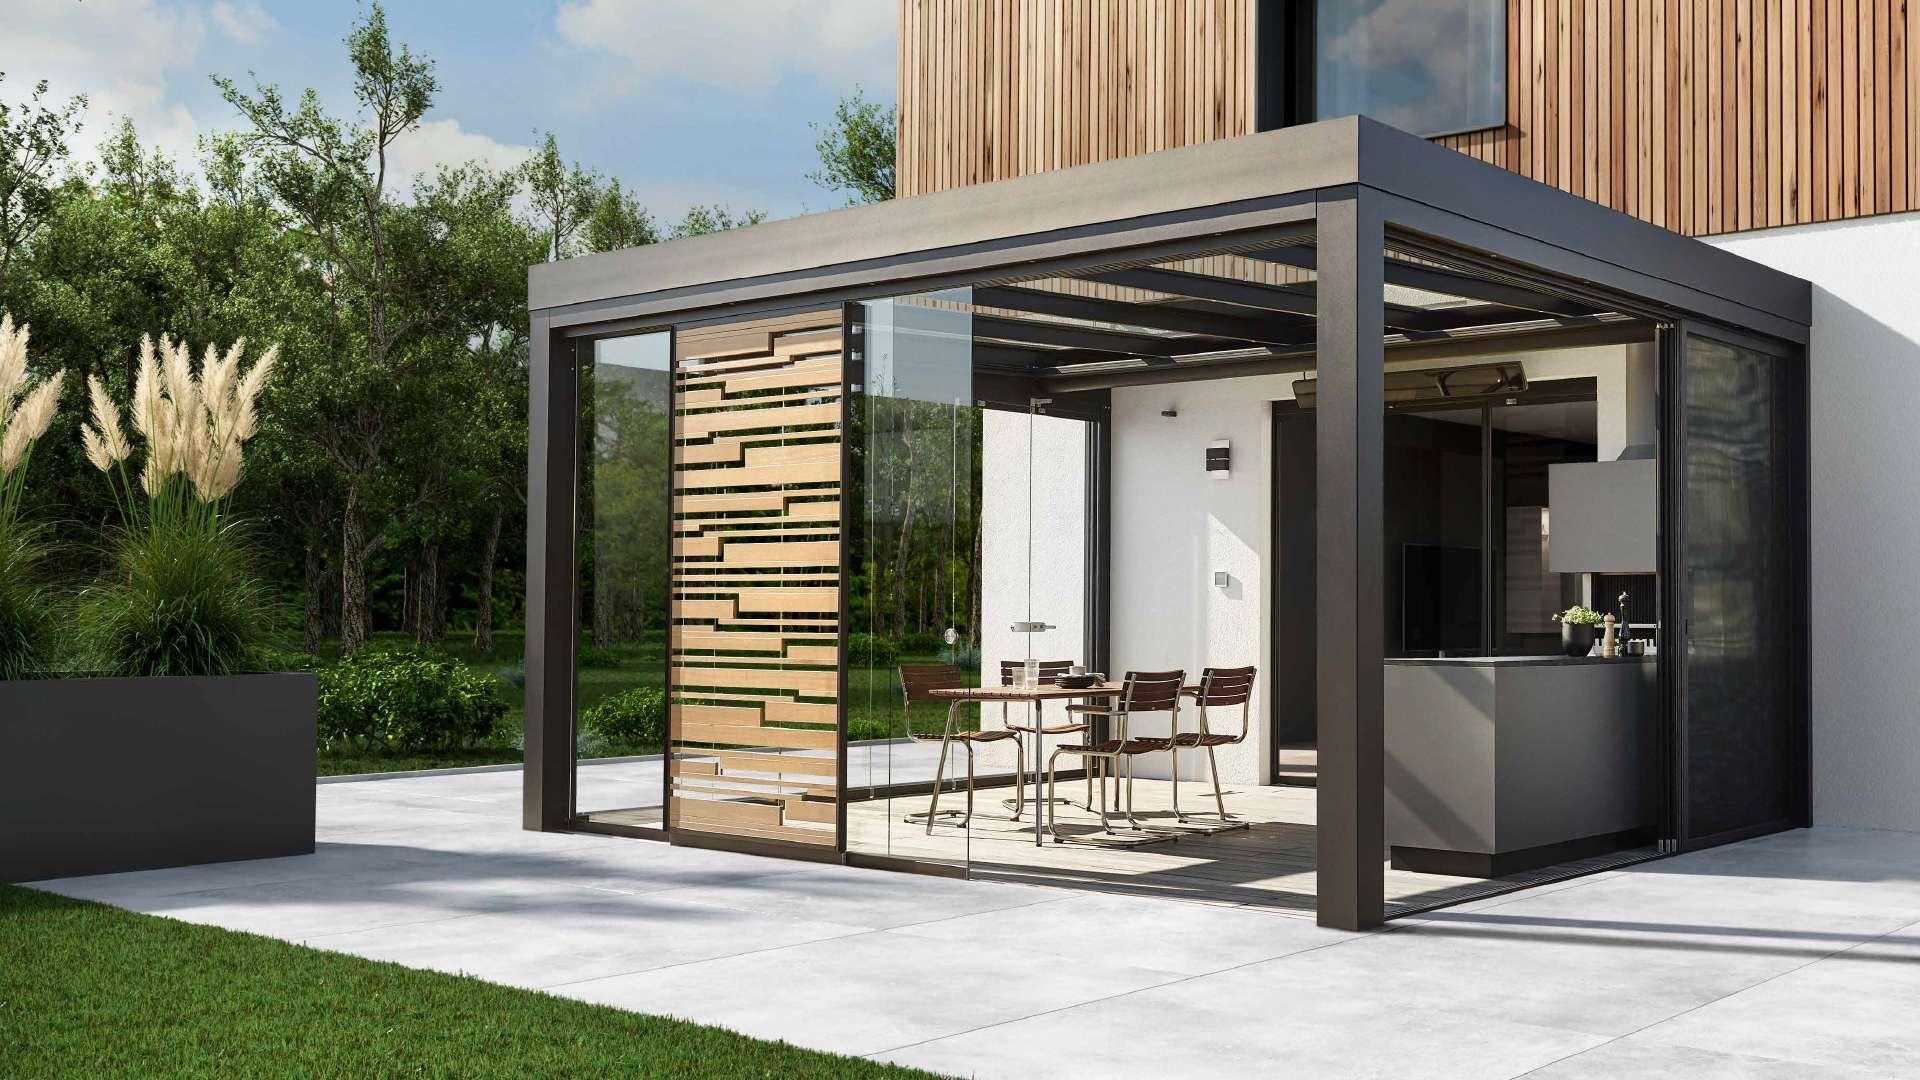 Solarlux SDL Acubis Terrassendach vor einem modernen Haus mit großer heller Terrasse